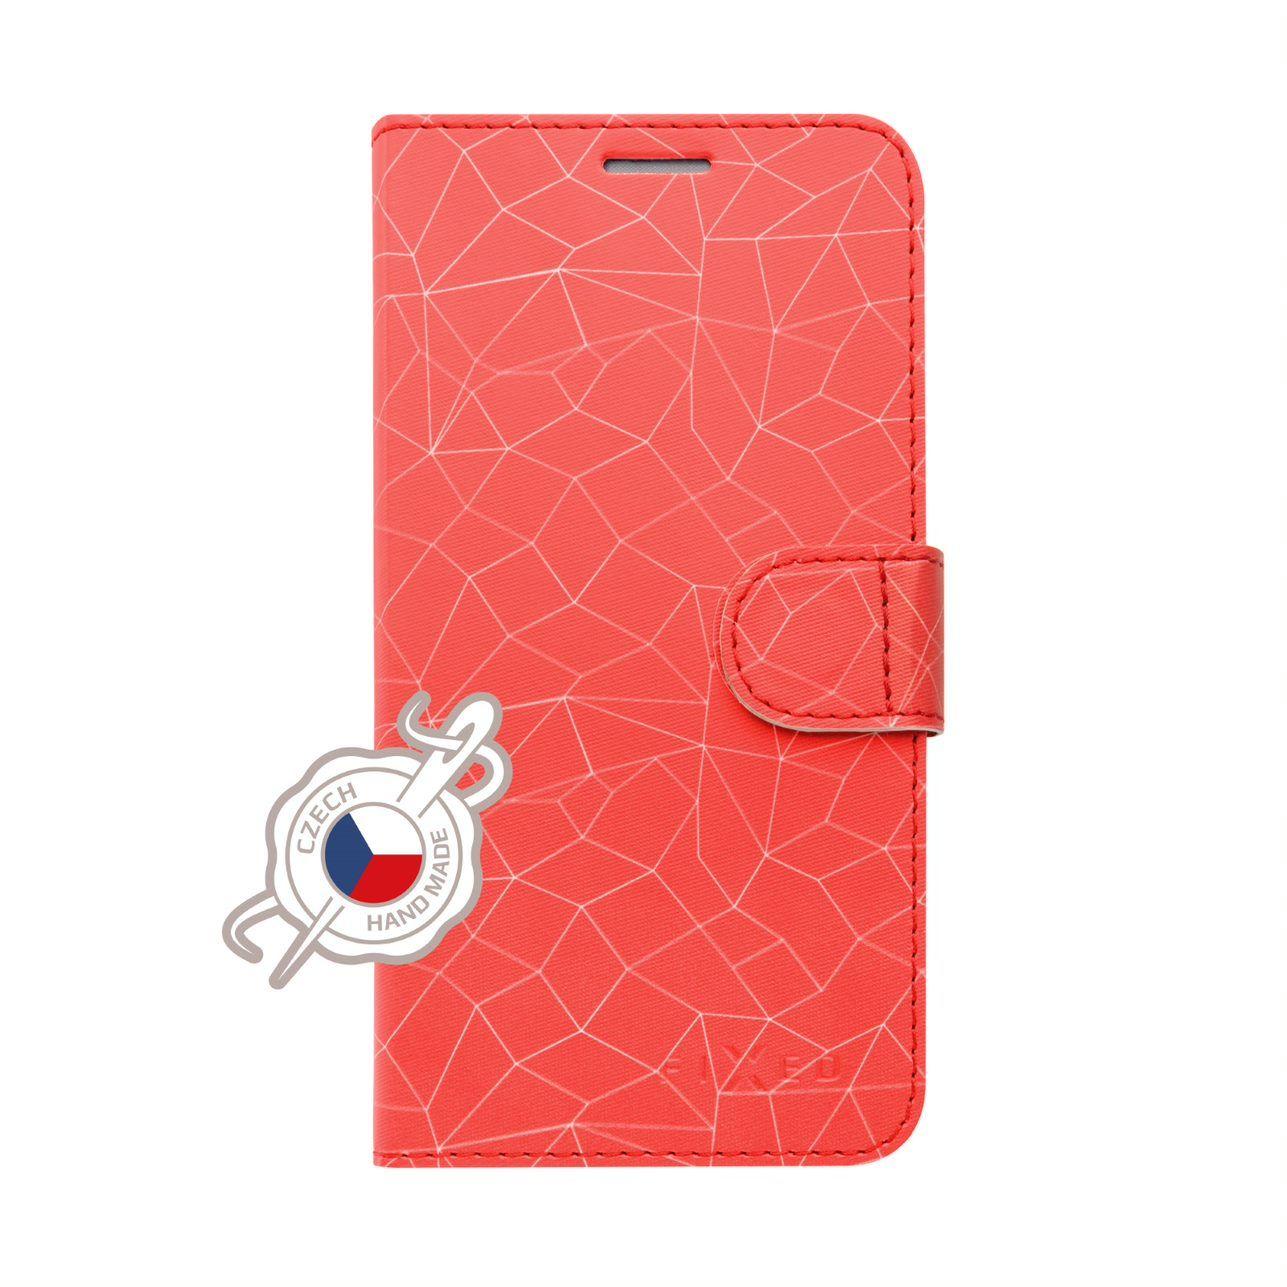 Pouzdro typu kniha FIXED FIT pro Samsung Galaxy A70/A70s, motiv Red Mesh